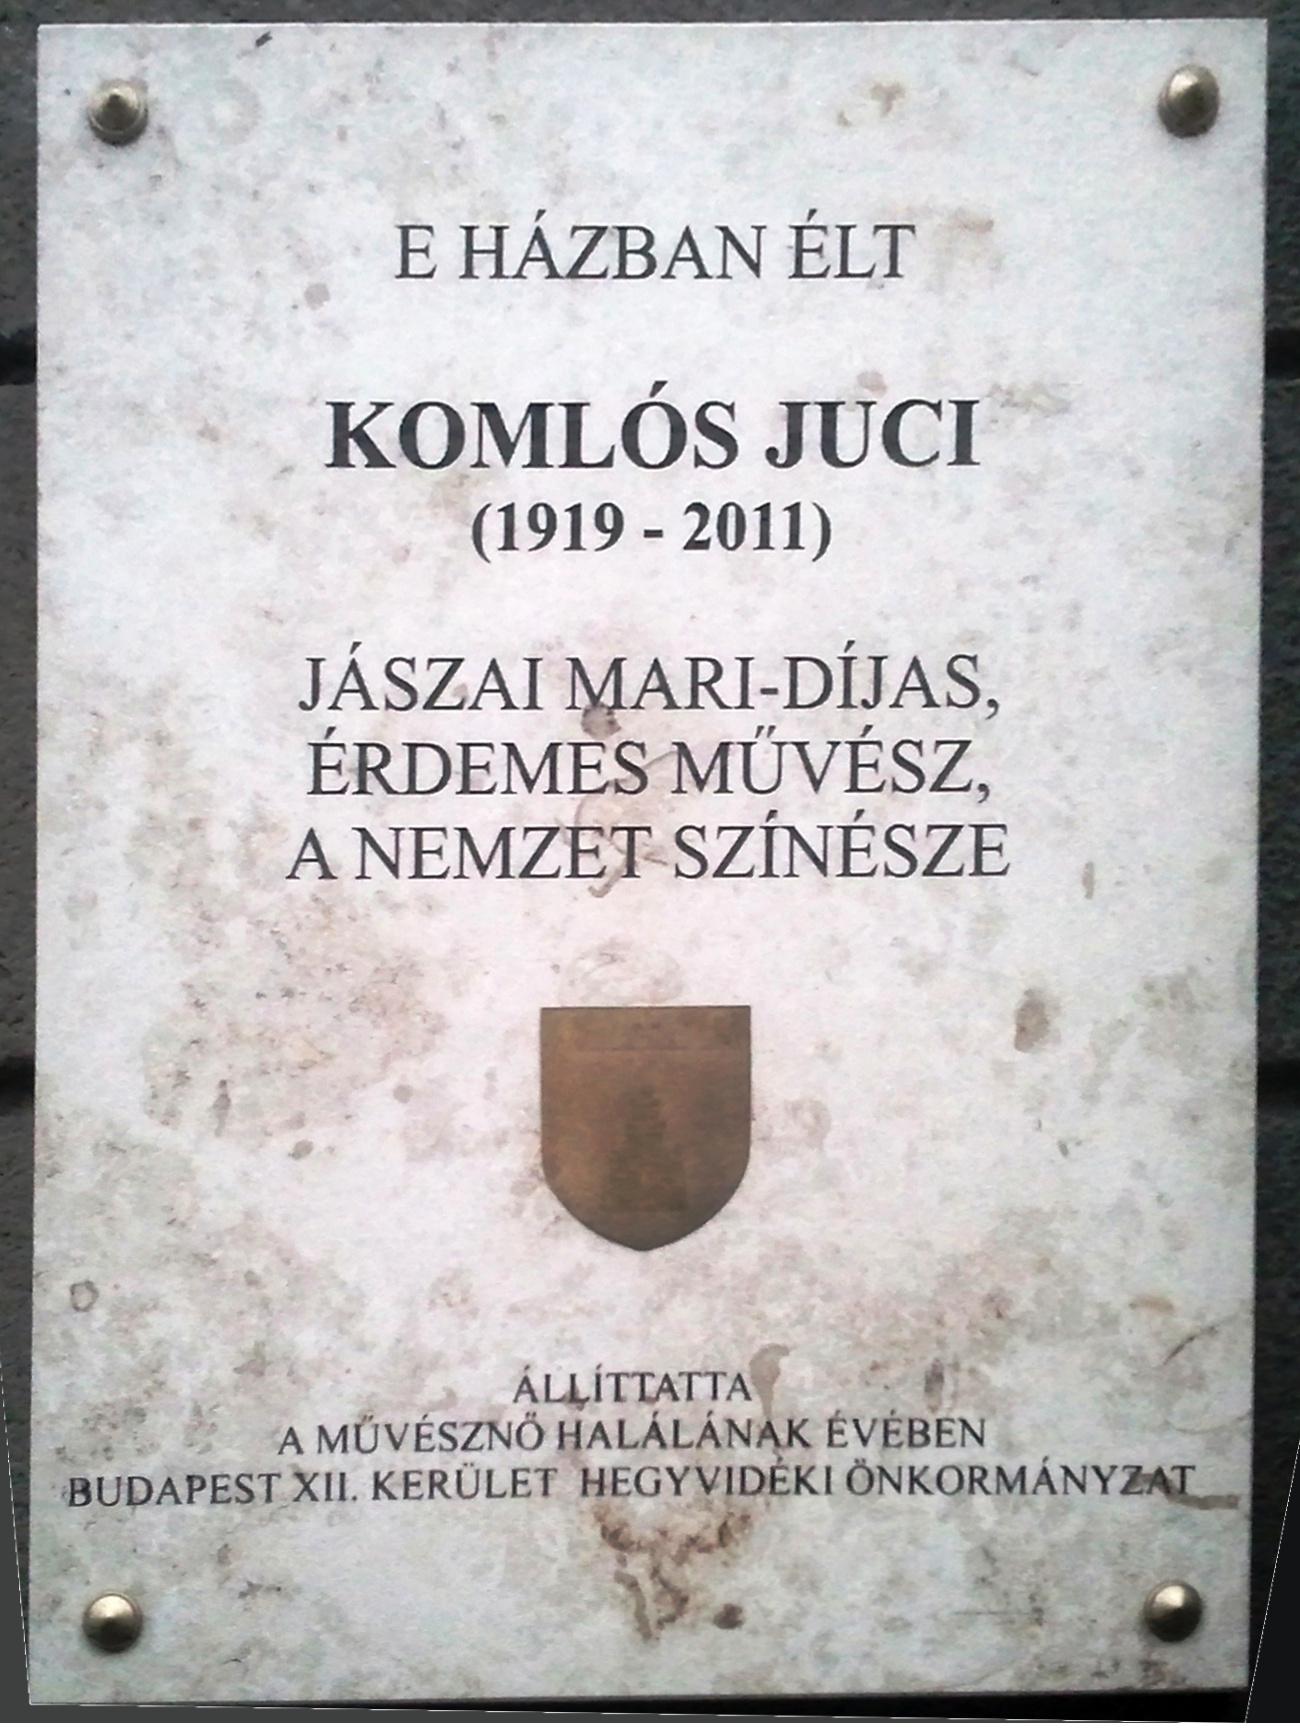 komlos_juci_emlektablaja_varosmajos_utca_49.jpg